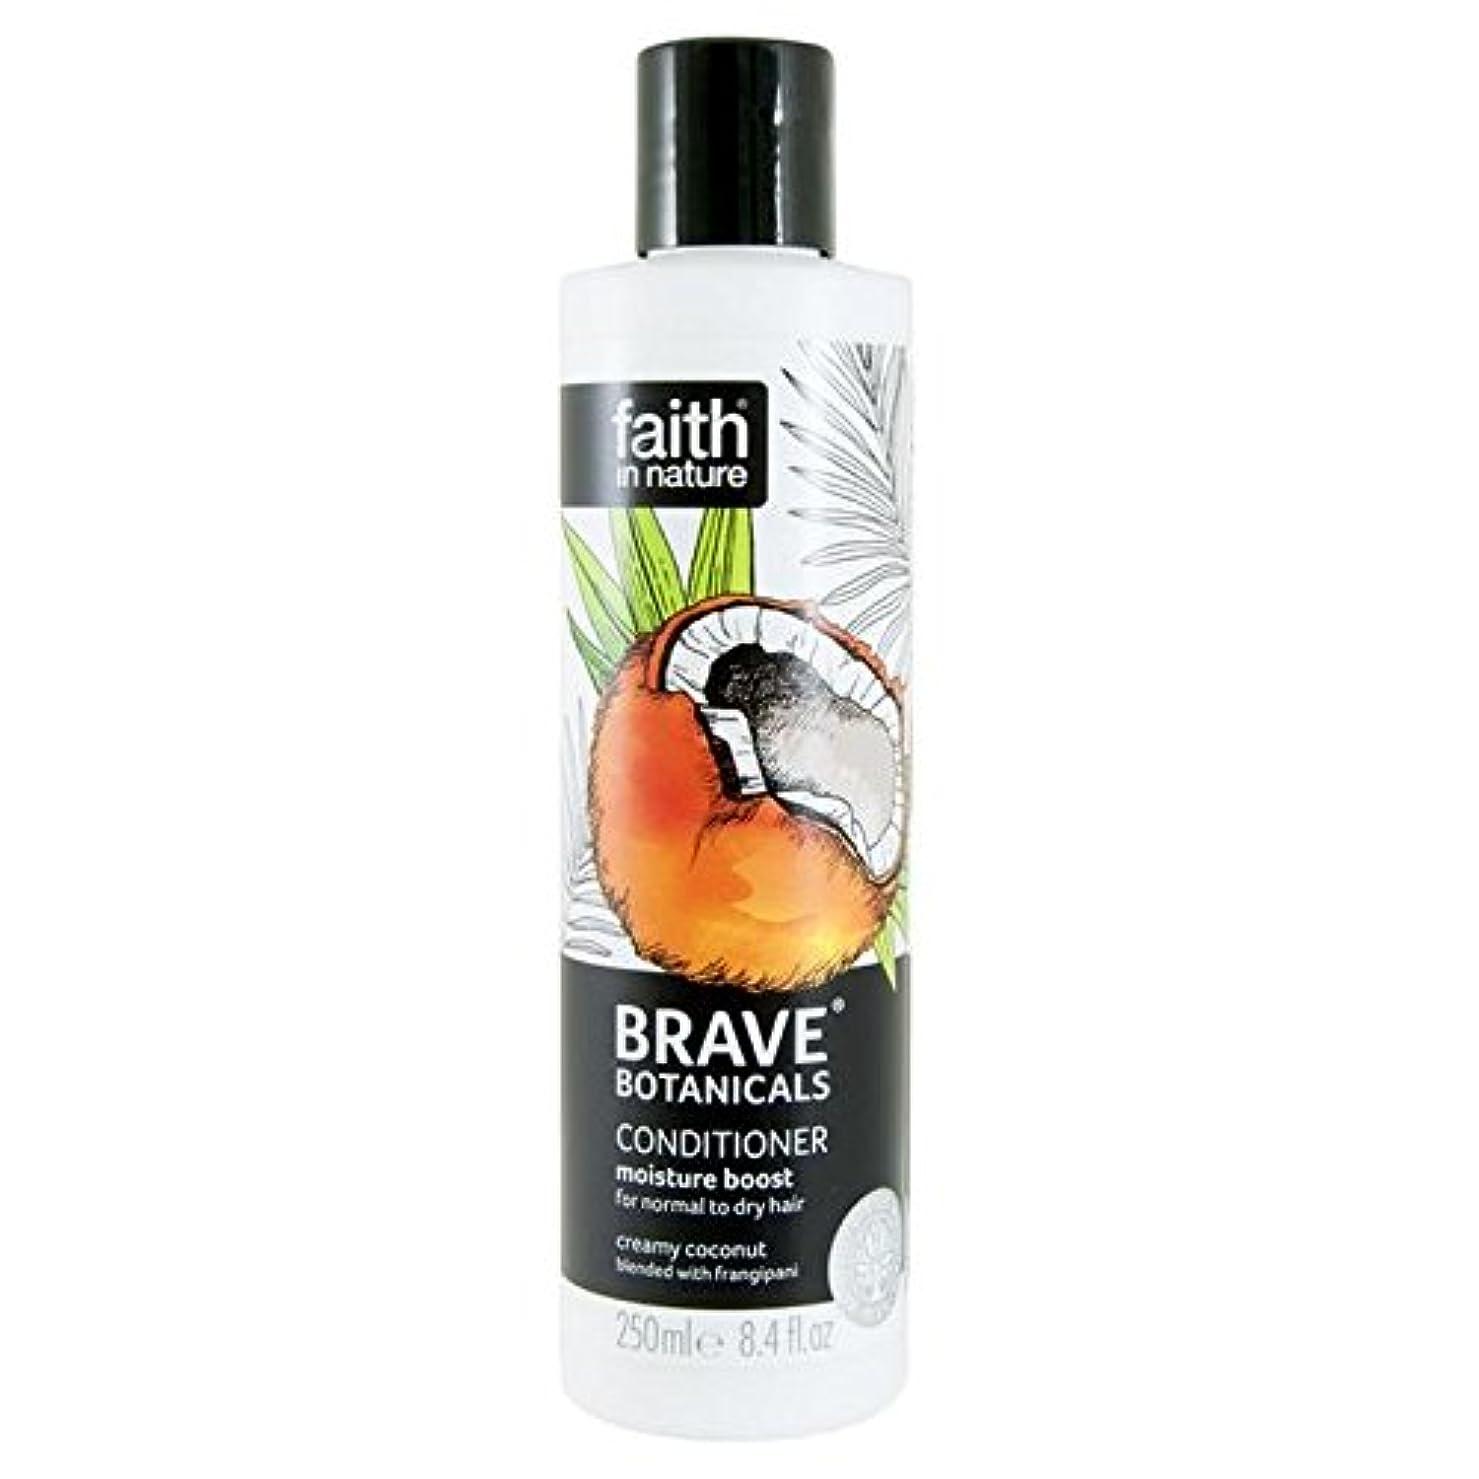 無力表面記憶Brave Botanicals Coconut & Frangipani Moisture Boost Conditioner 250ml (Pack of 2) - (Faith In Nature) 勇敢な植物ココナッツ...